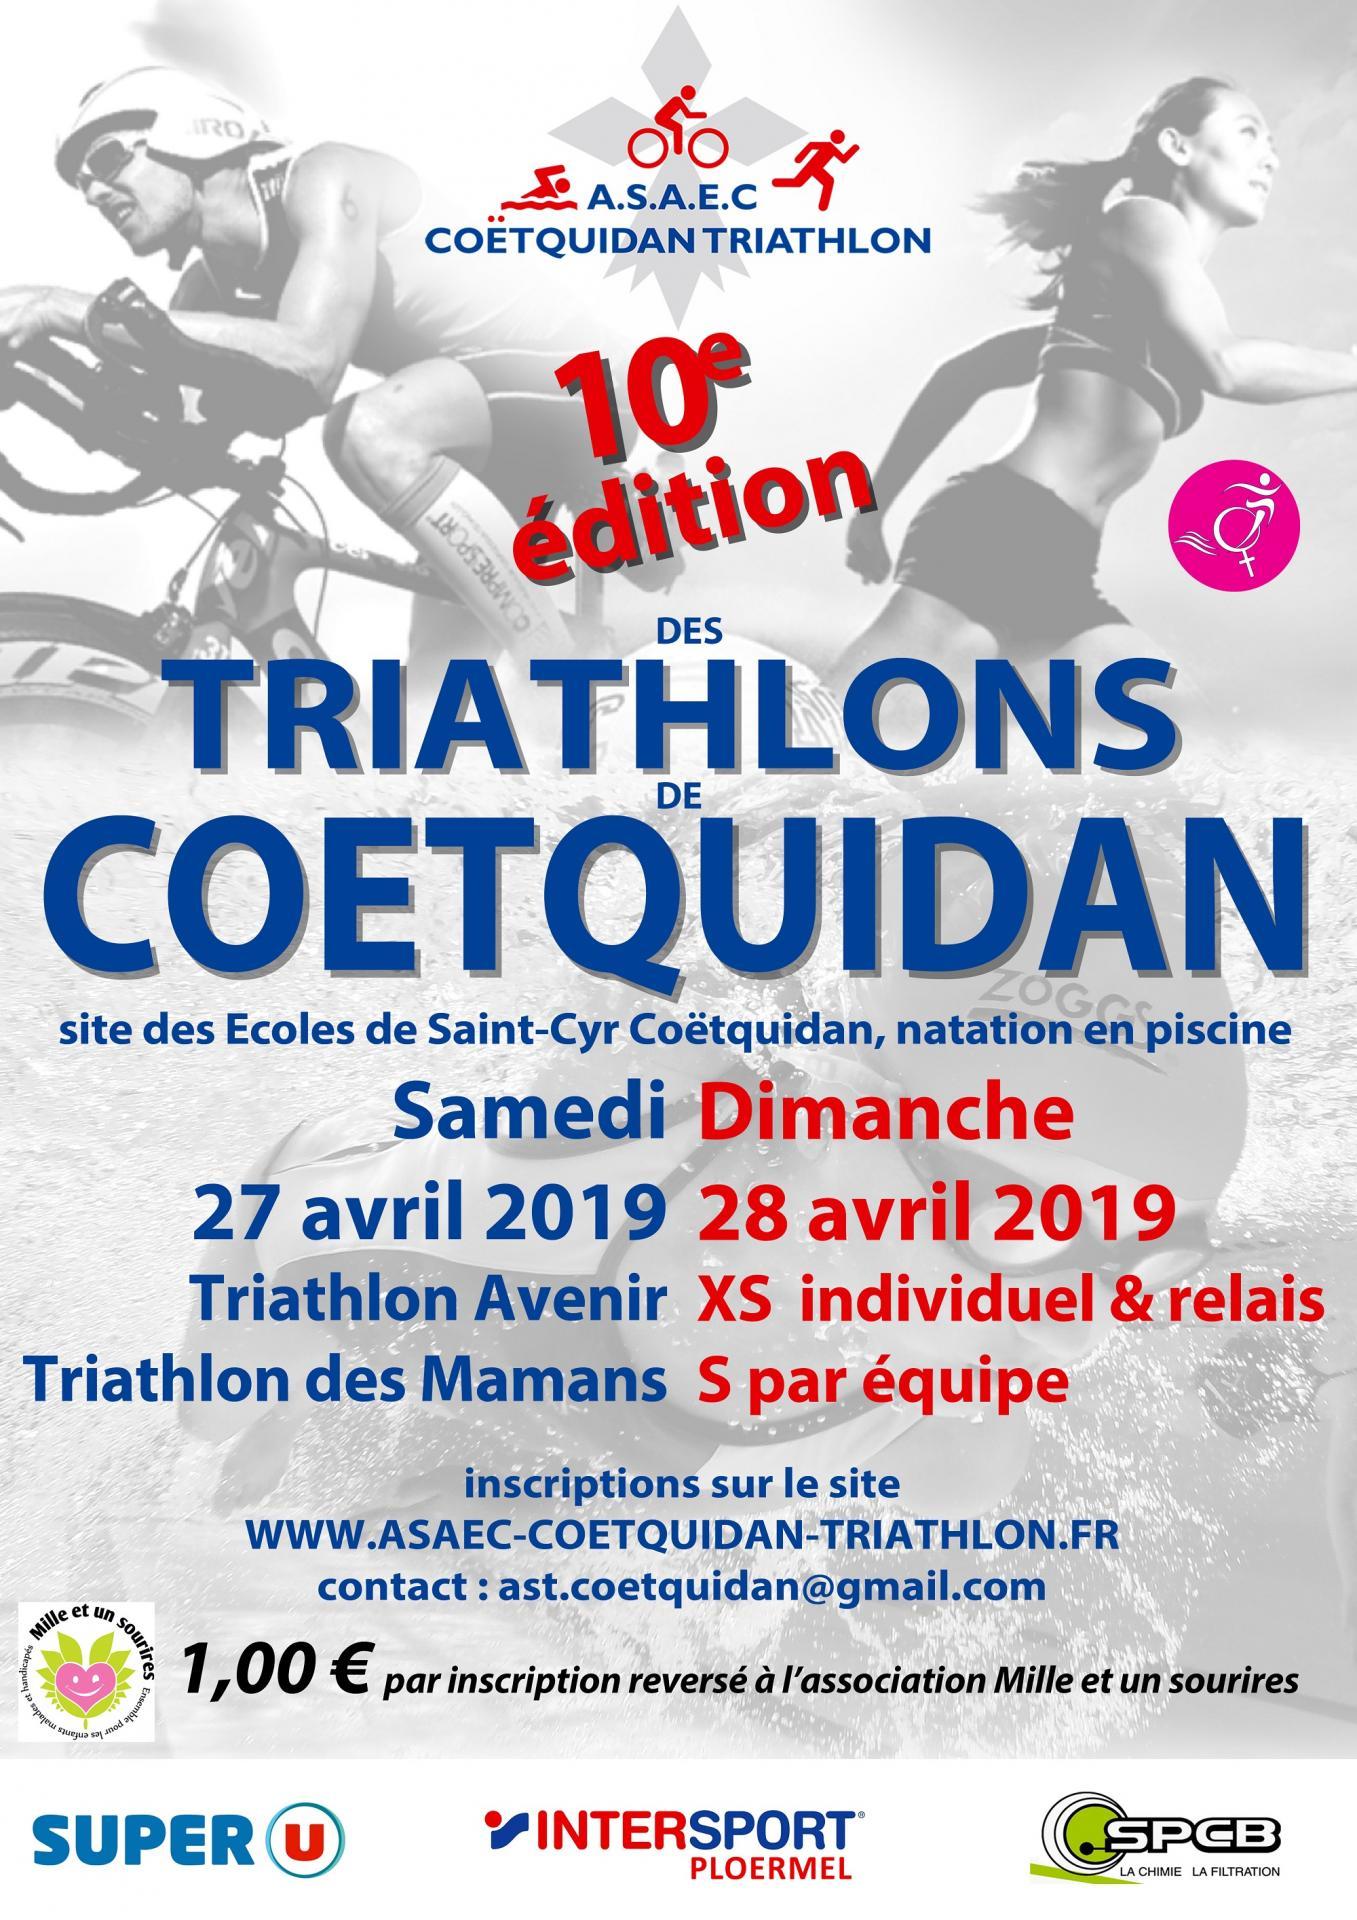 Triathlon Coetquidan